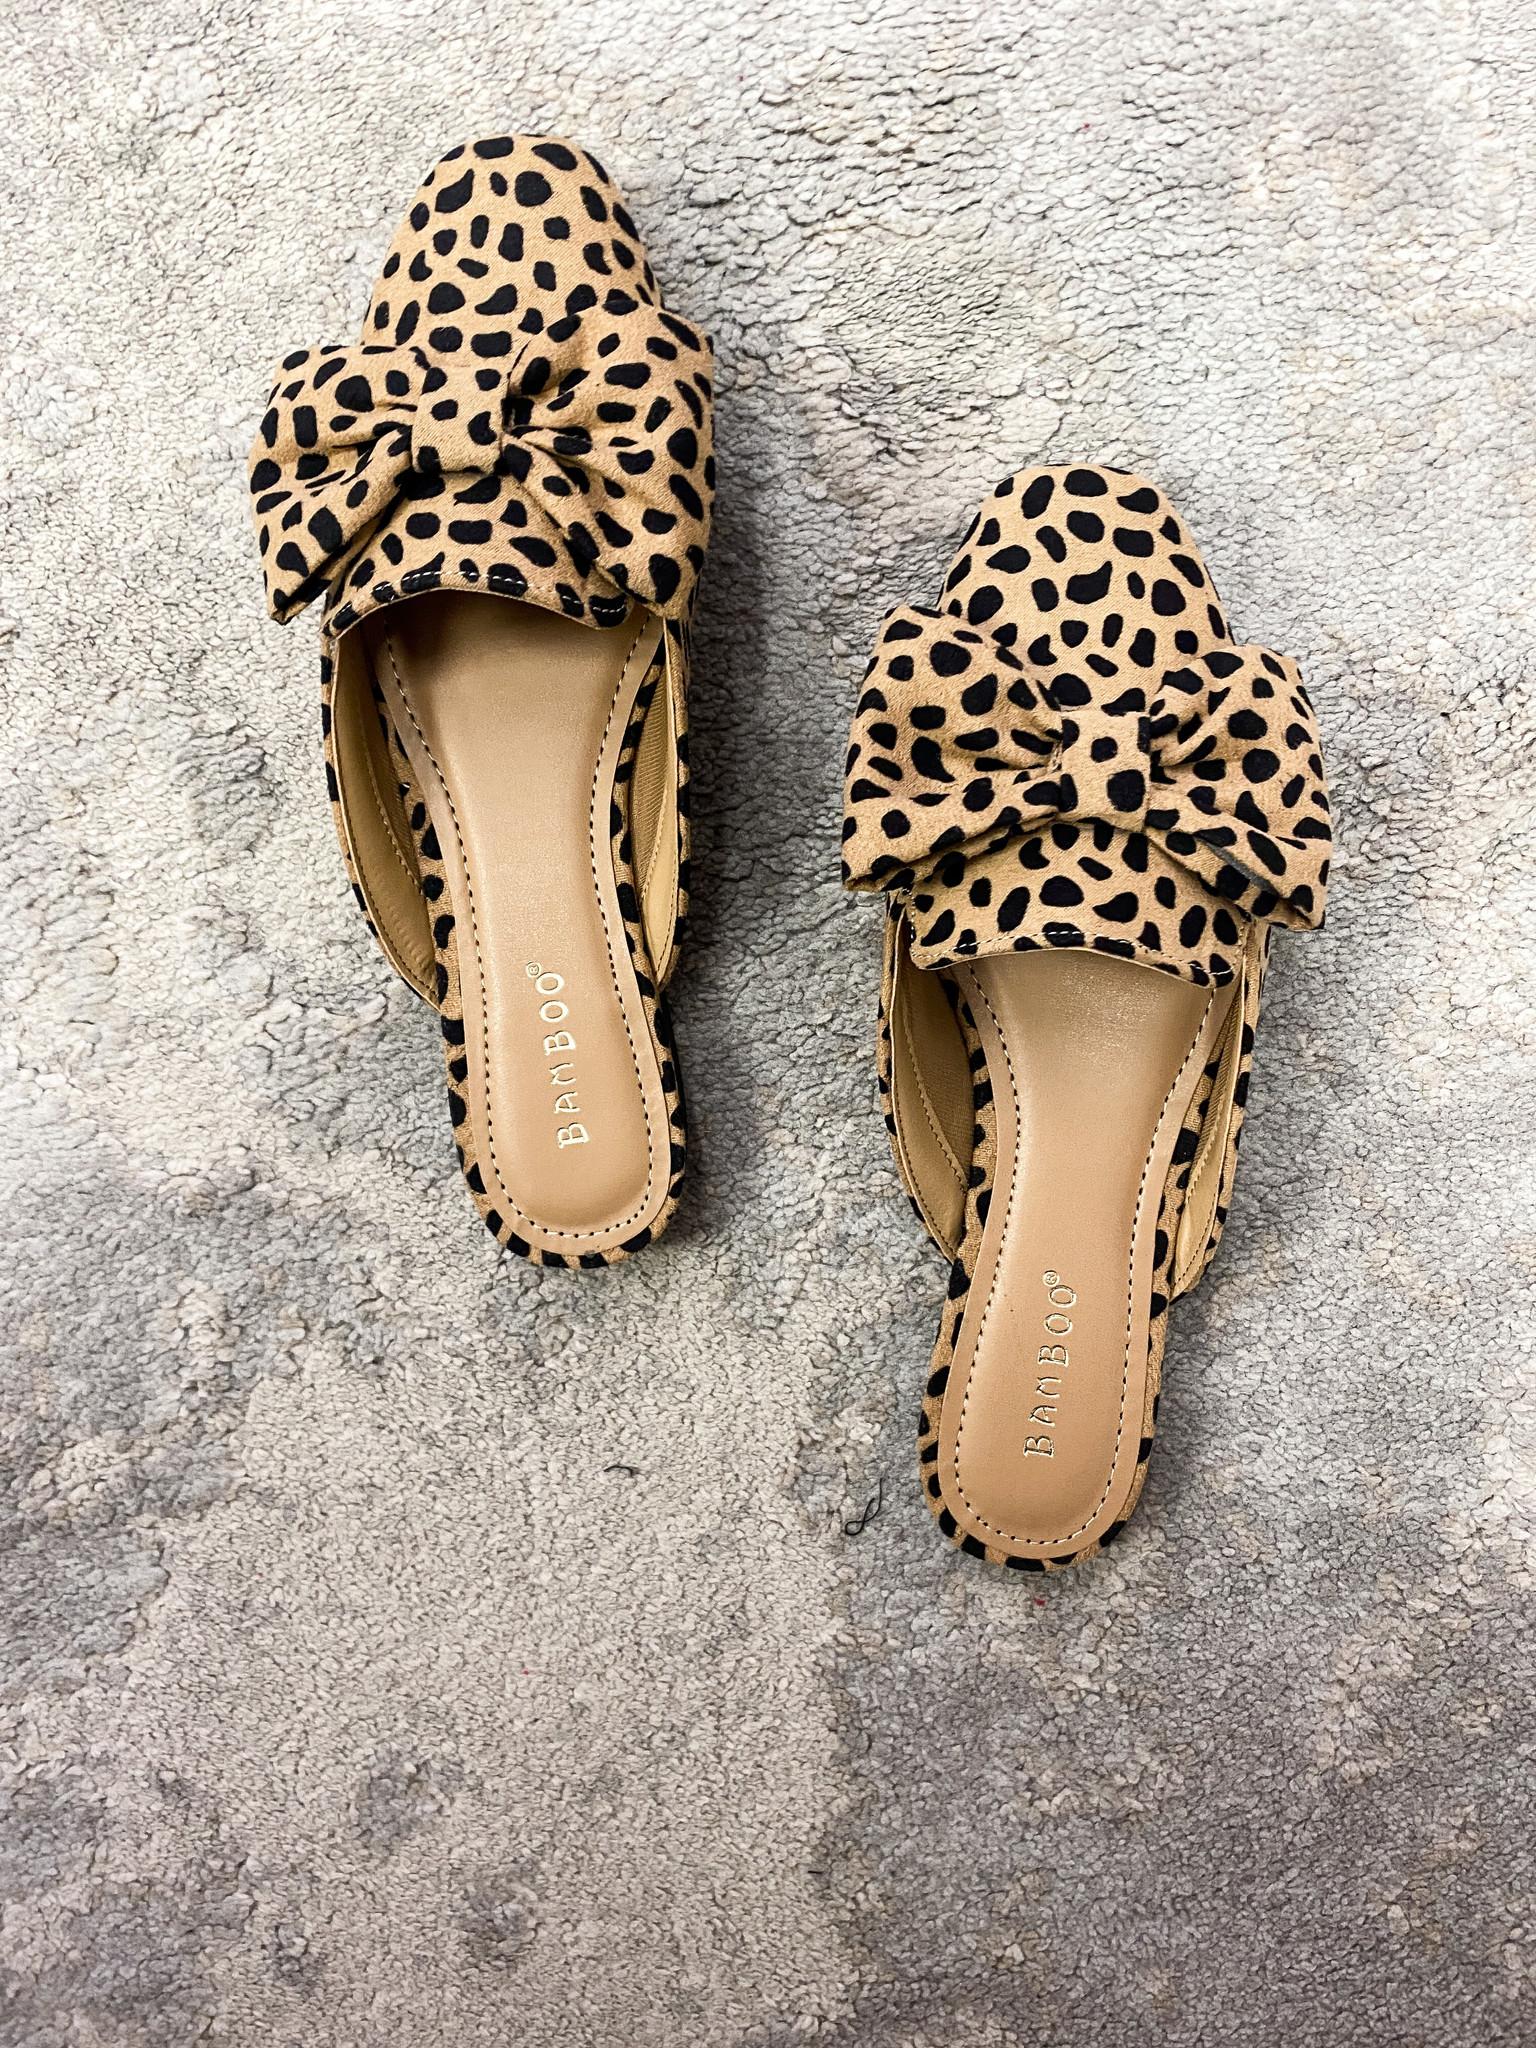 Syd Flat Cheetah Print Bow Mule